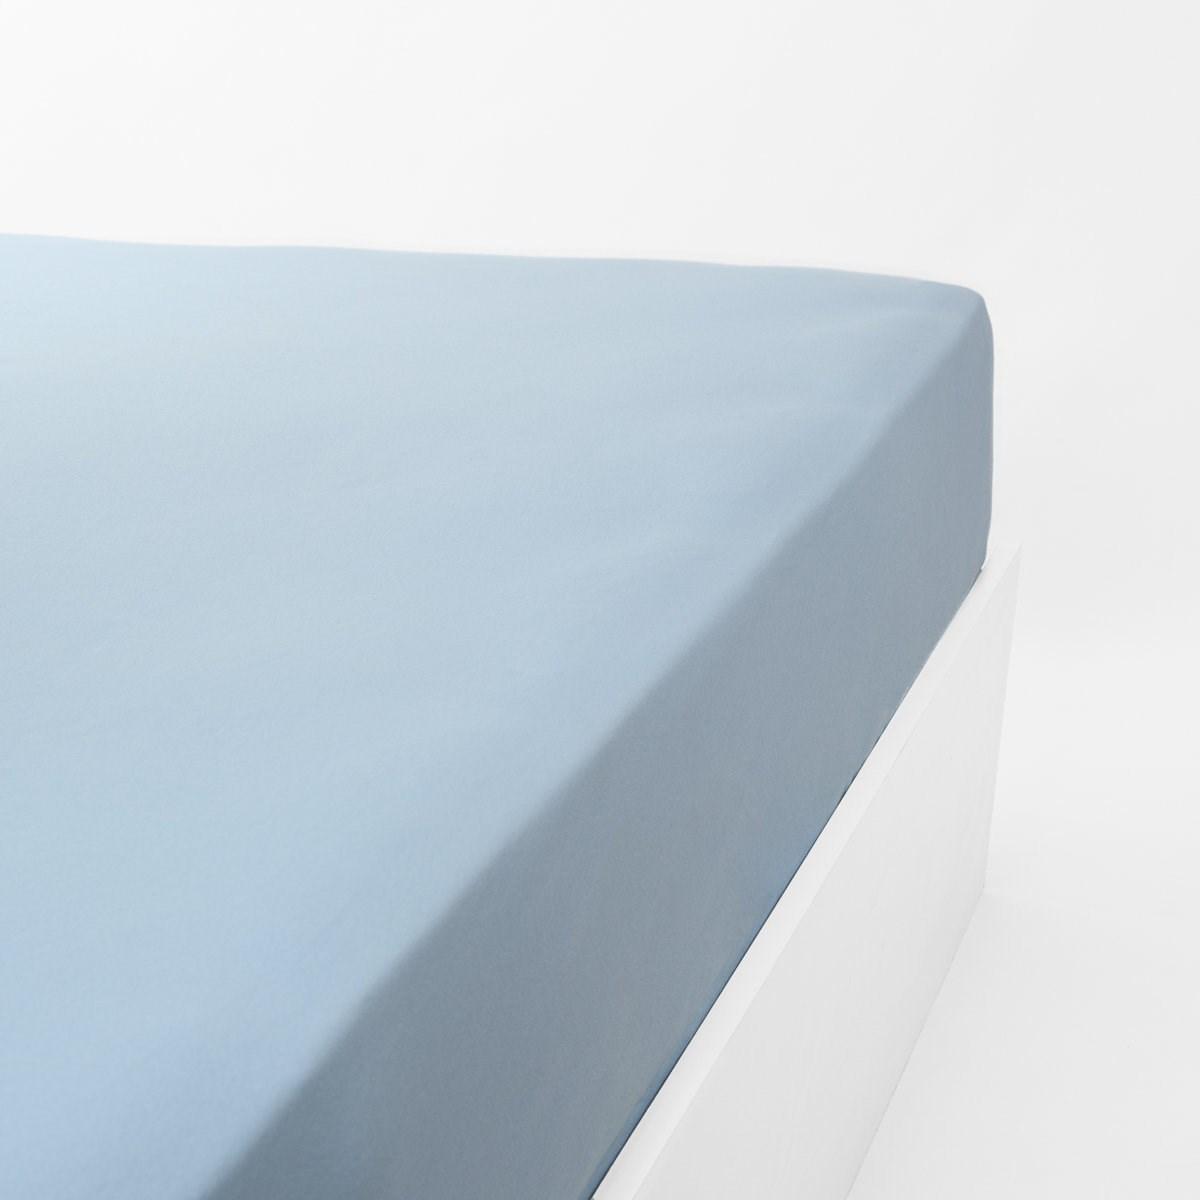 Drap housse jersey extensible en coton bleu clair 70x190 cm